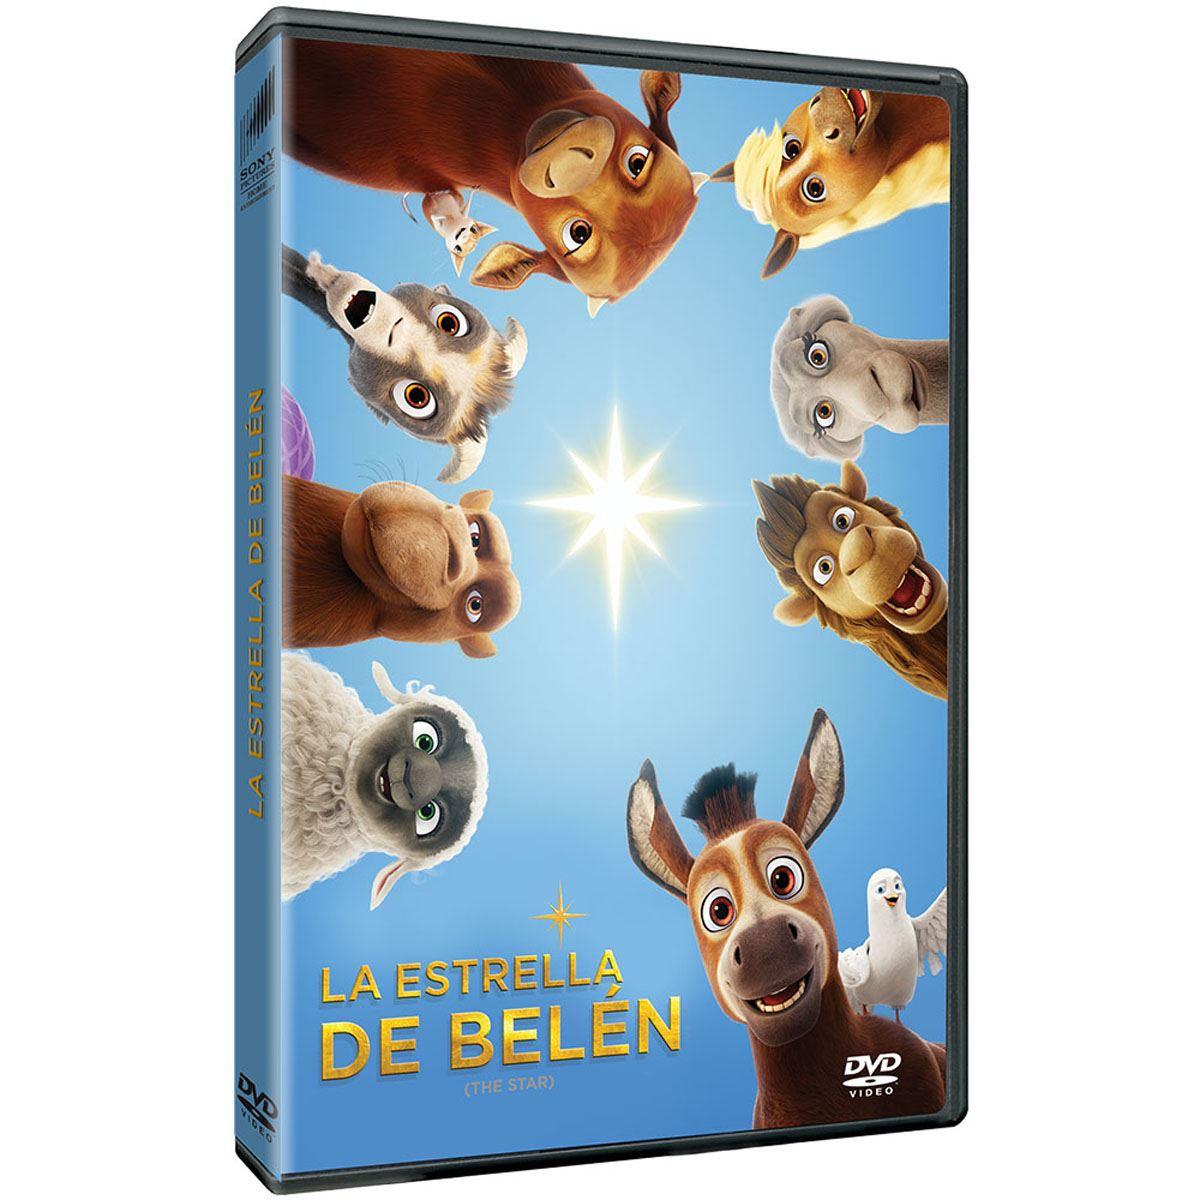 Dvd la estrella de belén  - Sanborns